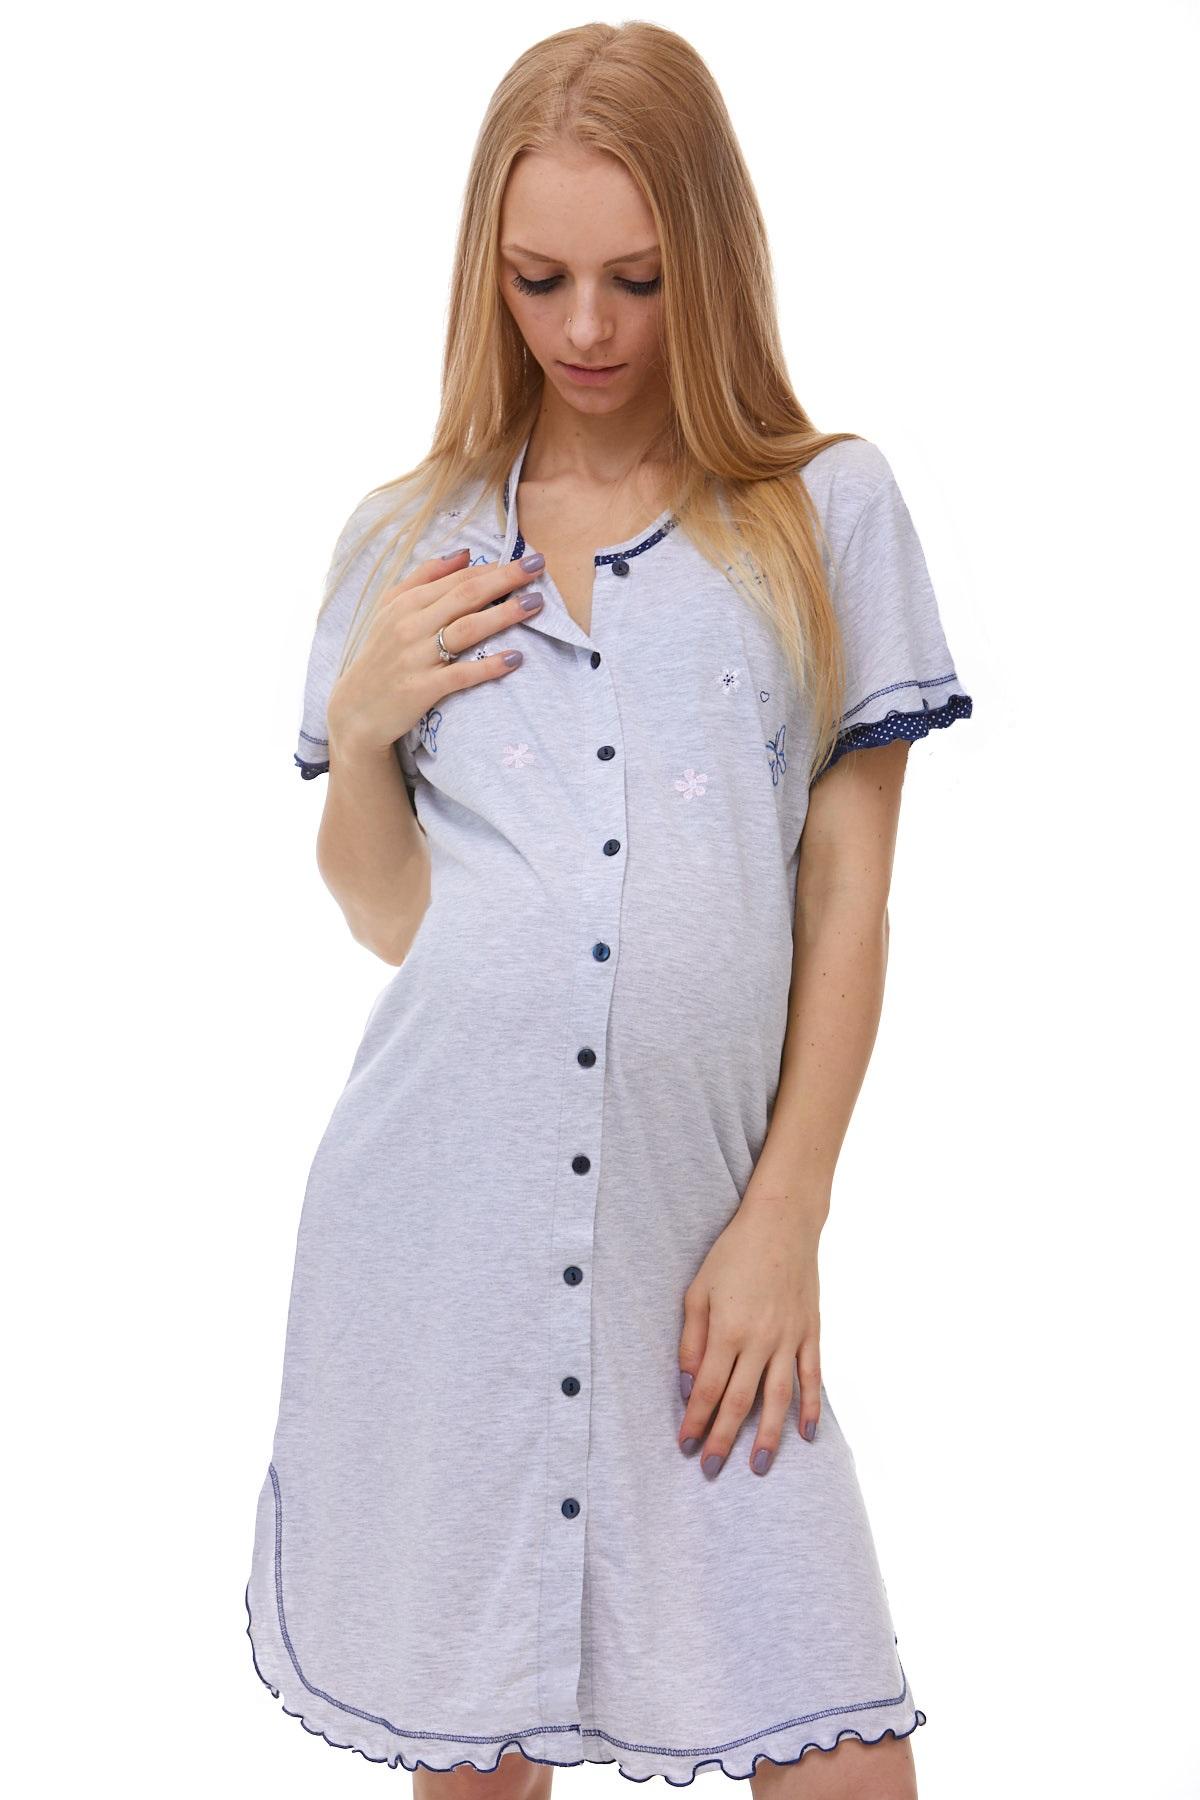 Celo propínací košilka kojící a těhotenská